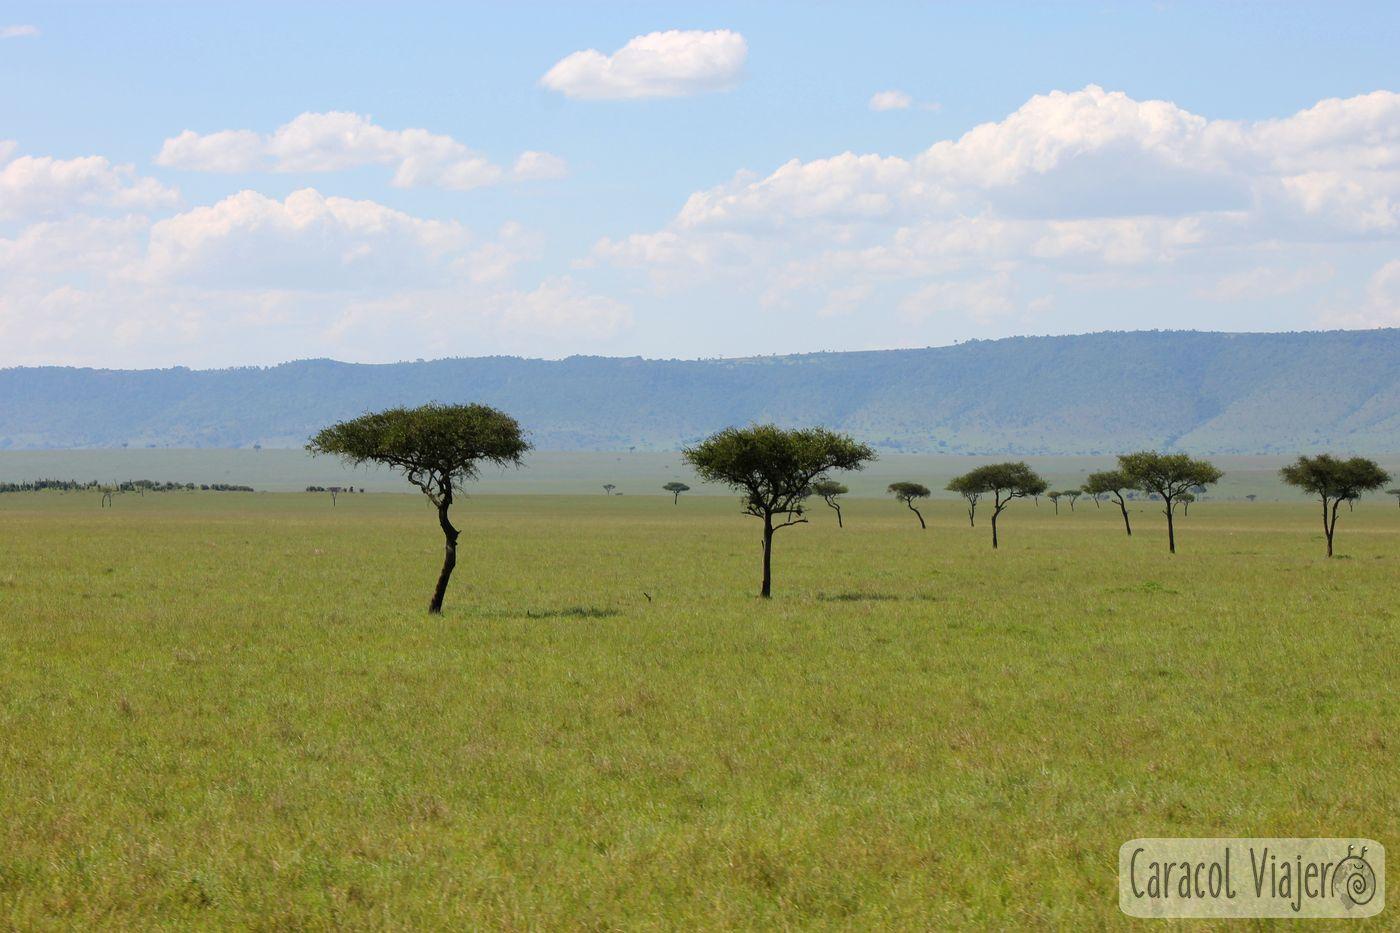 Kenia, Masai Mara